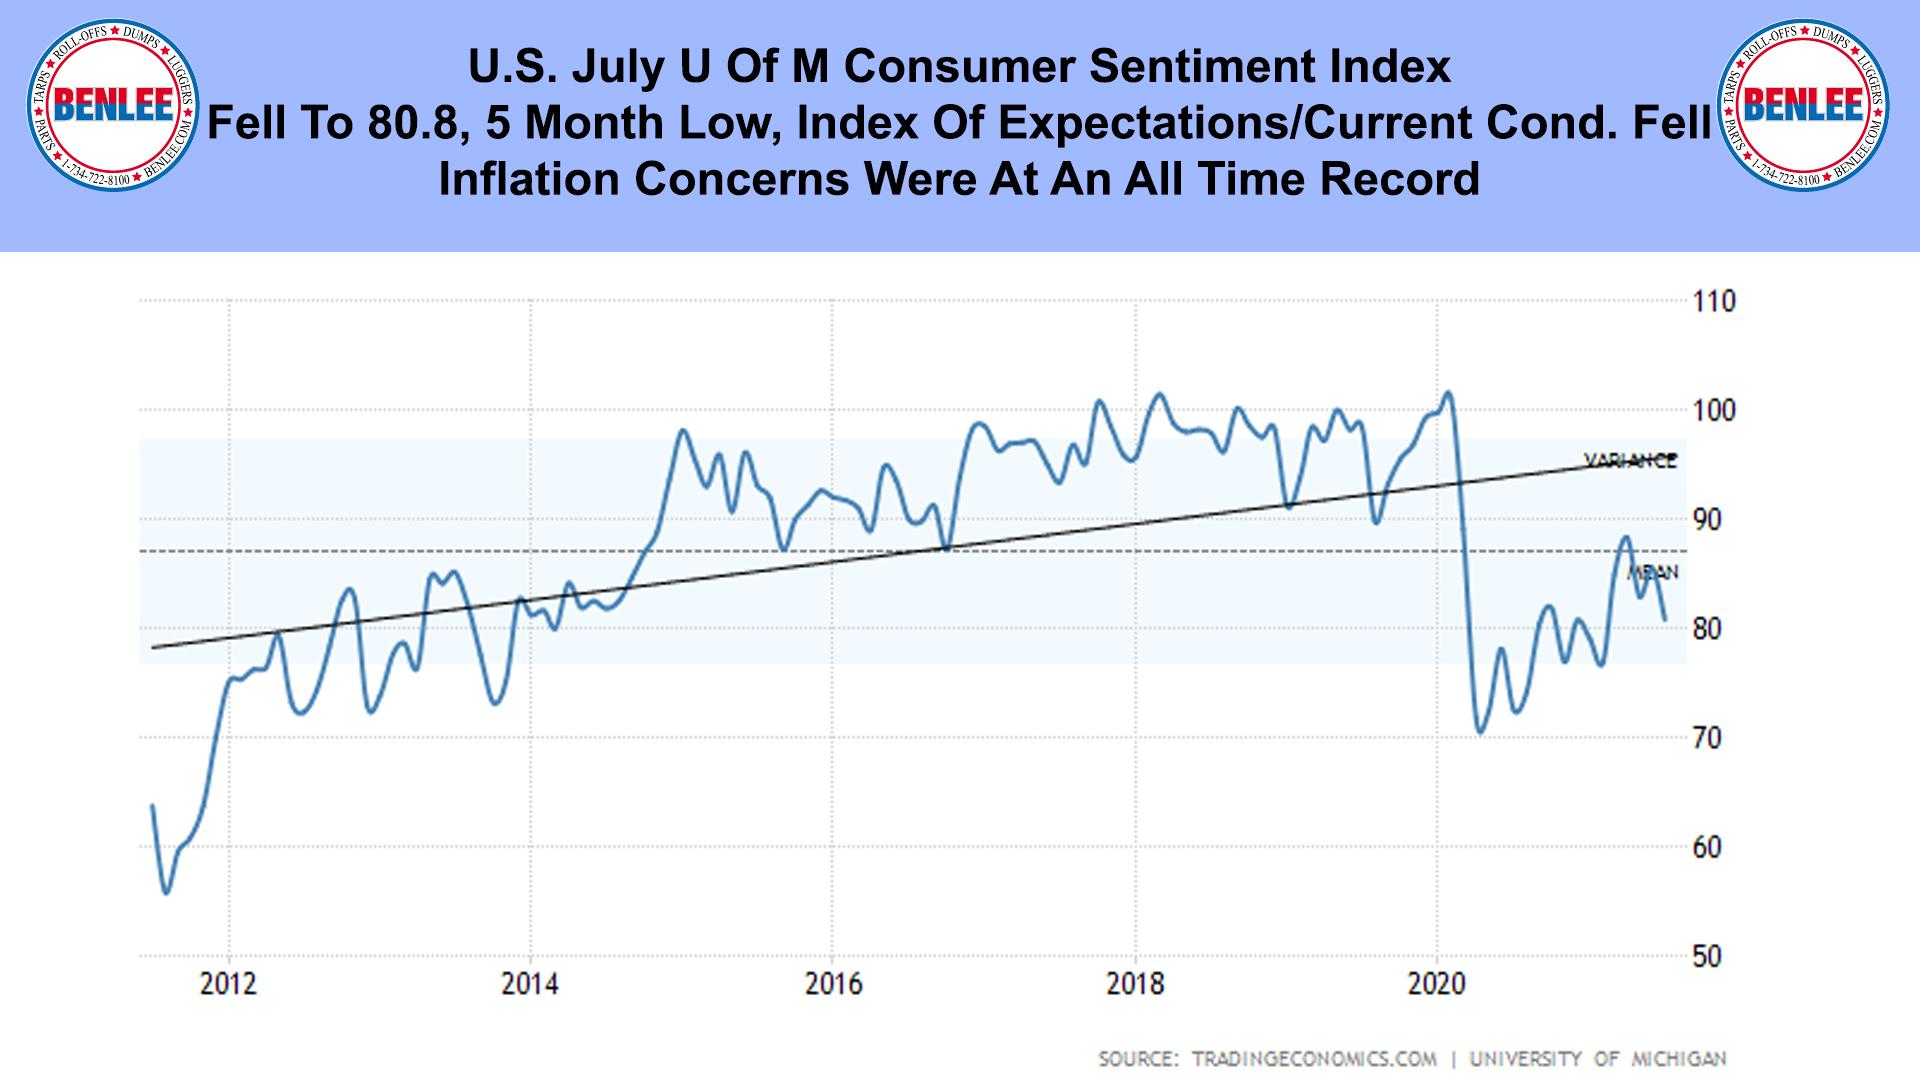 U.S. July U Of M Consumer Sentiment Index